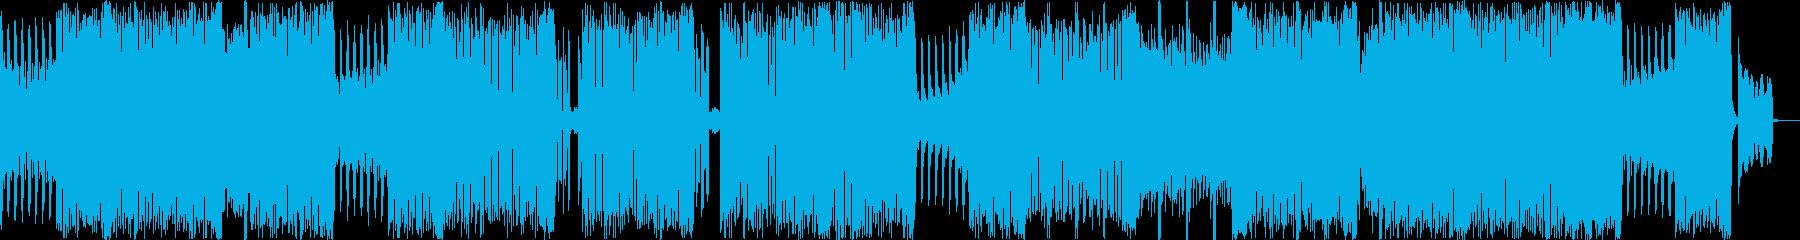 ポップでかわいいエレクトリックBGMの再生済みの波形